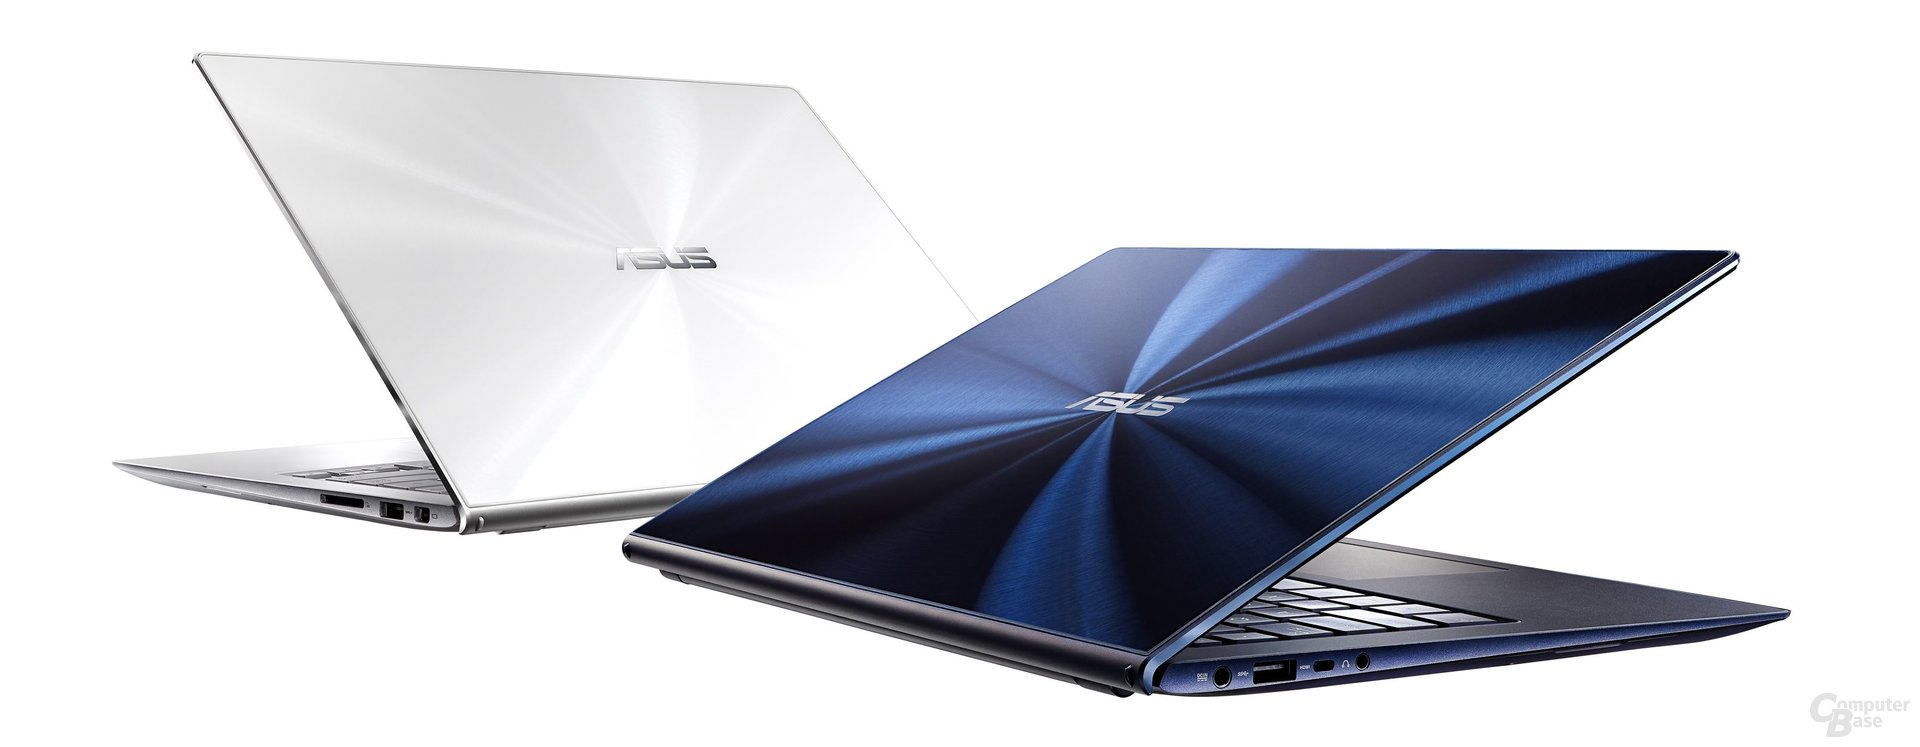 Asus Zenbook UX301/302